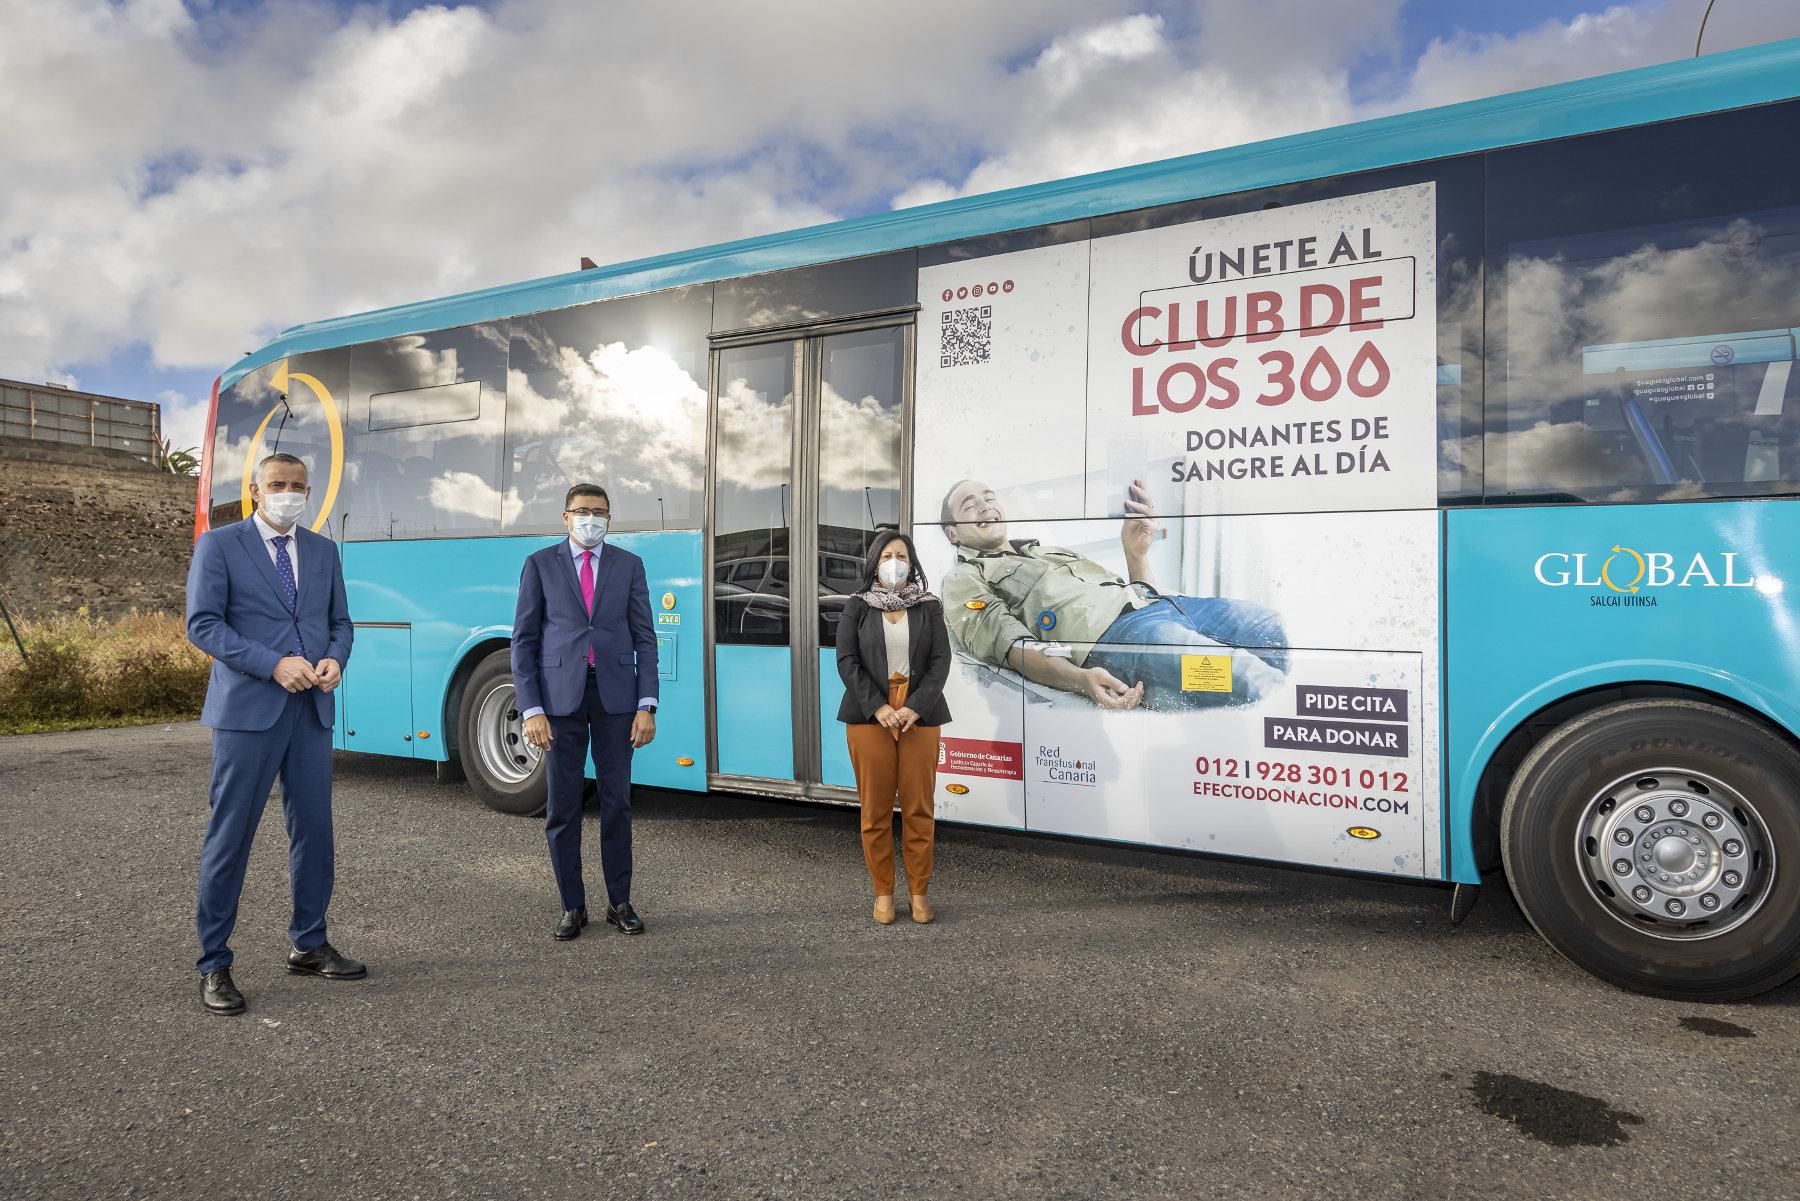 El ICHH, el Cabildo de Gran Canaria y Global se unen para promocionar la donación de sangre